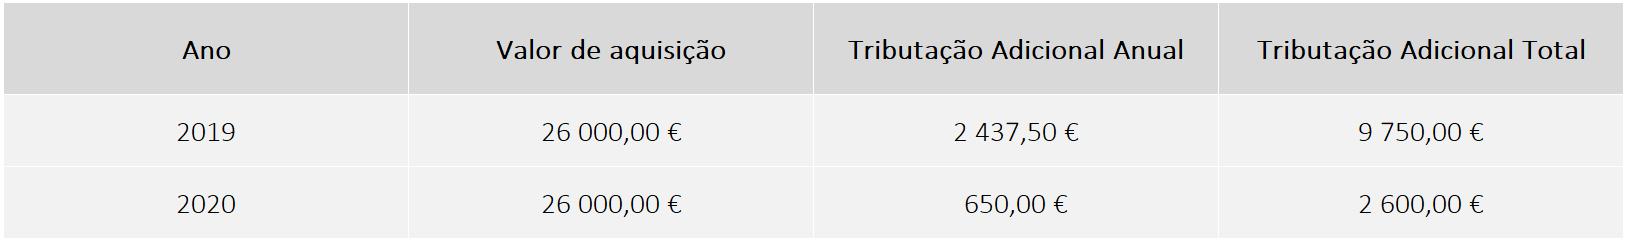 UWU, tributação anual: caso 1